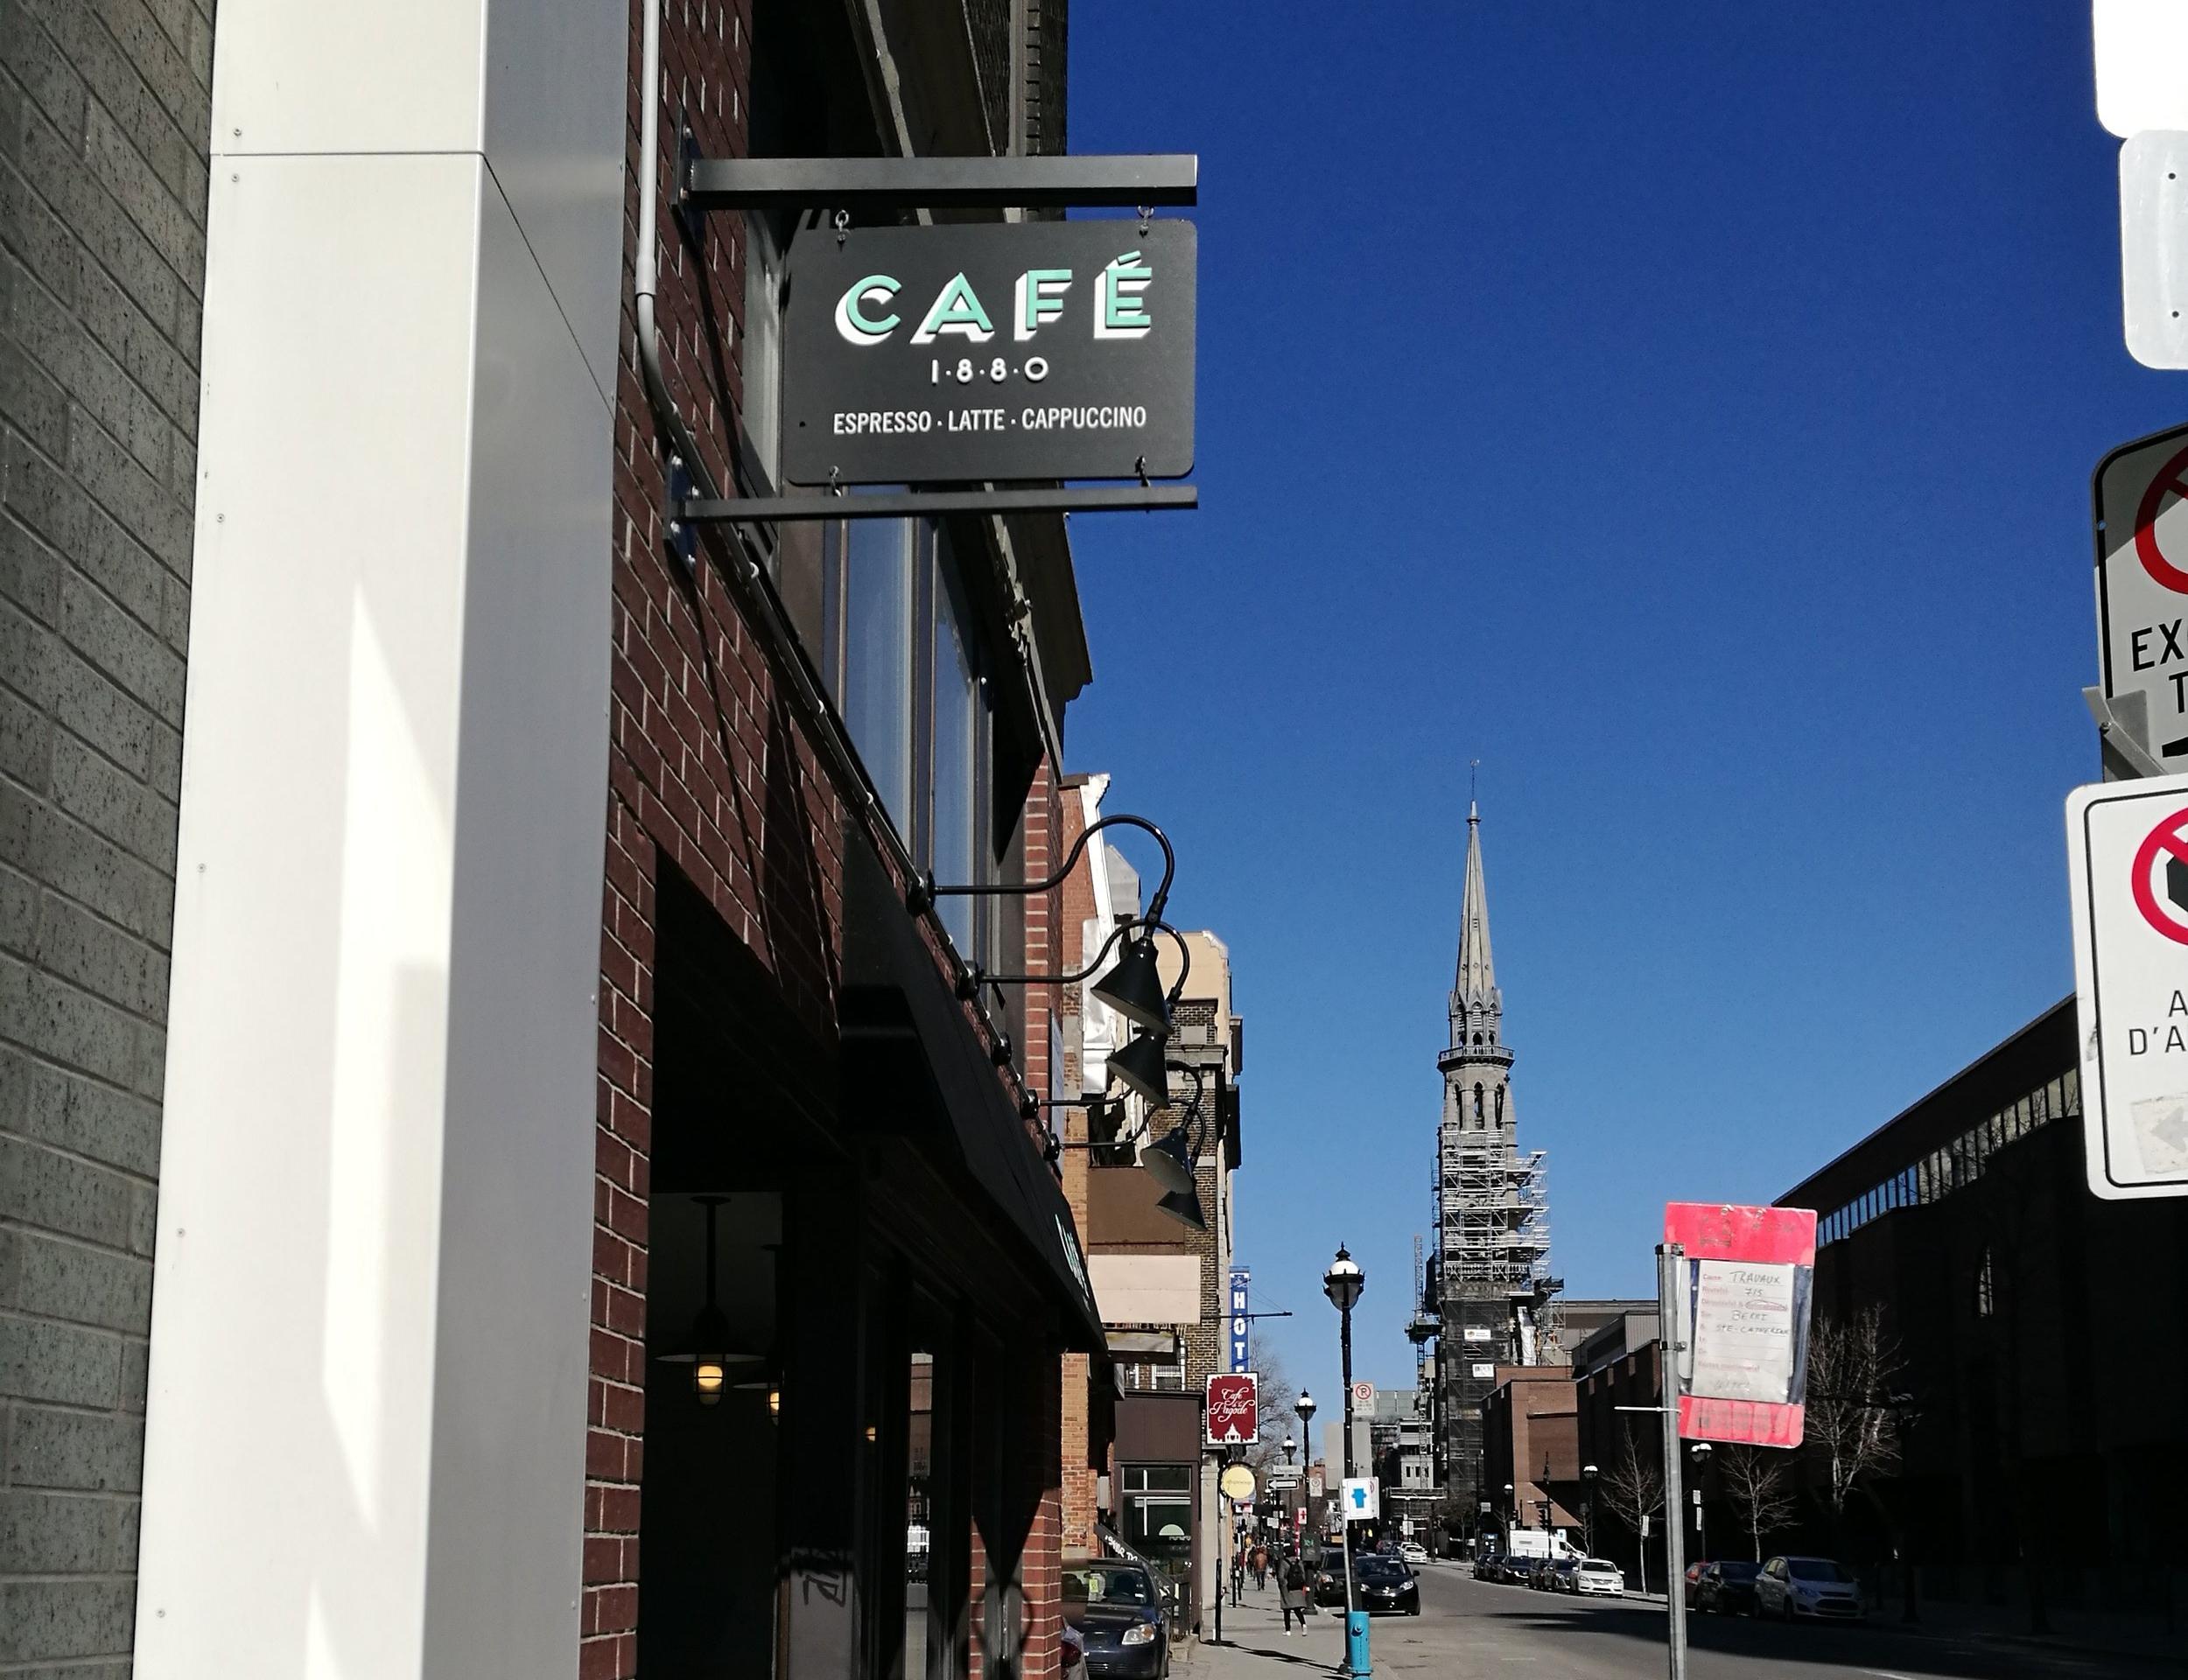 2. Café 1880 - Latin Quarter